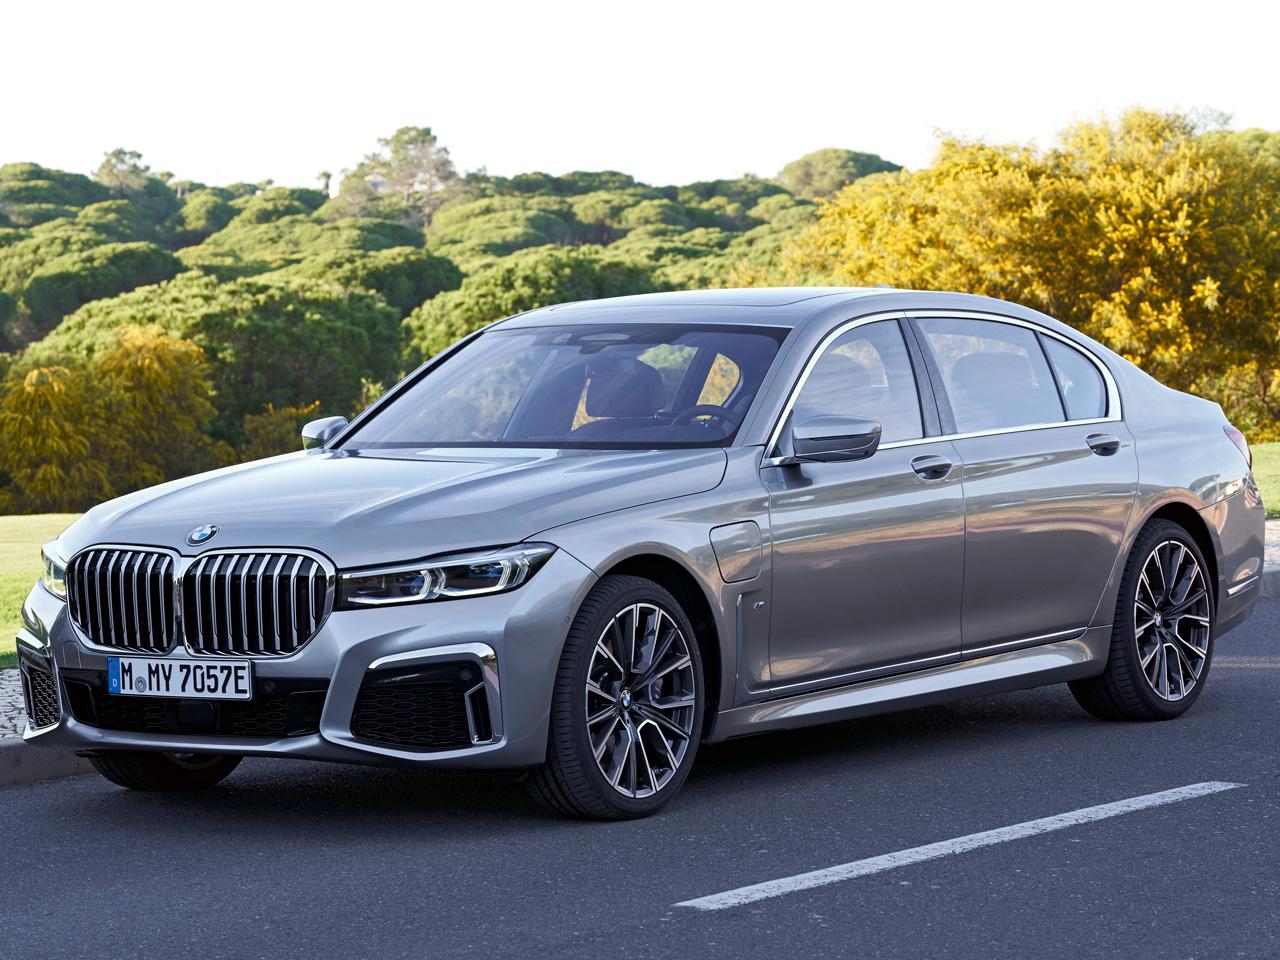 BMW 7シリーズ セダン プラグインハイブリッド 2016年モデル 新車画像